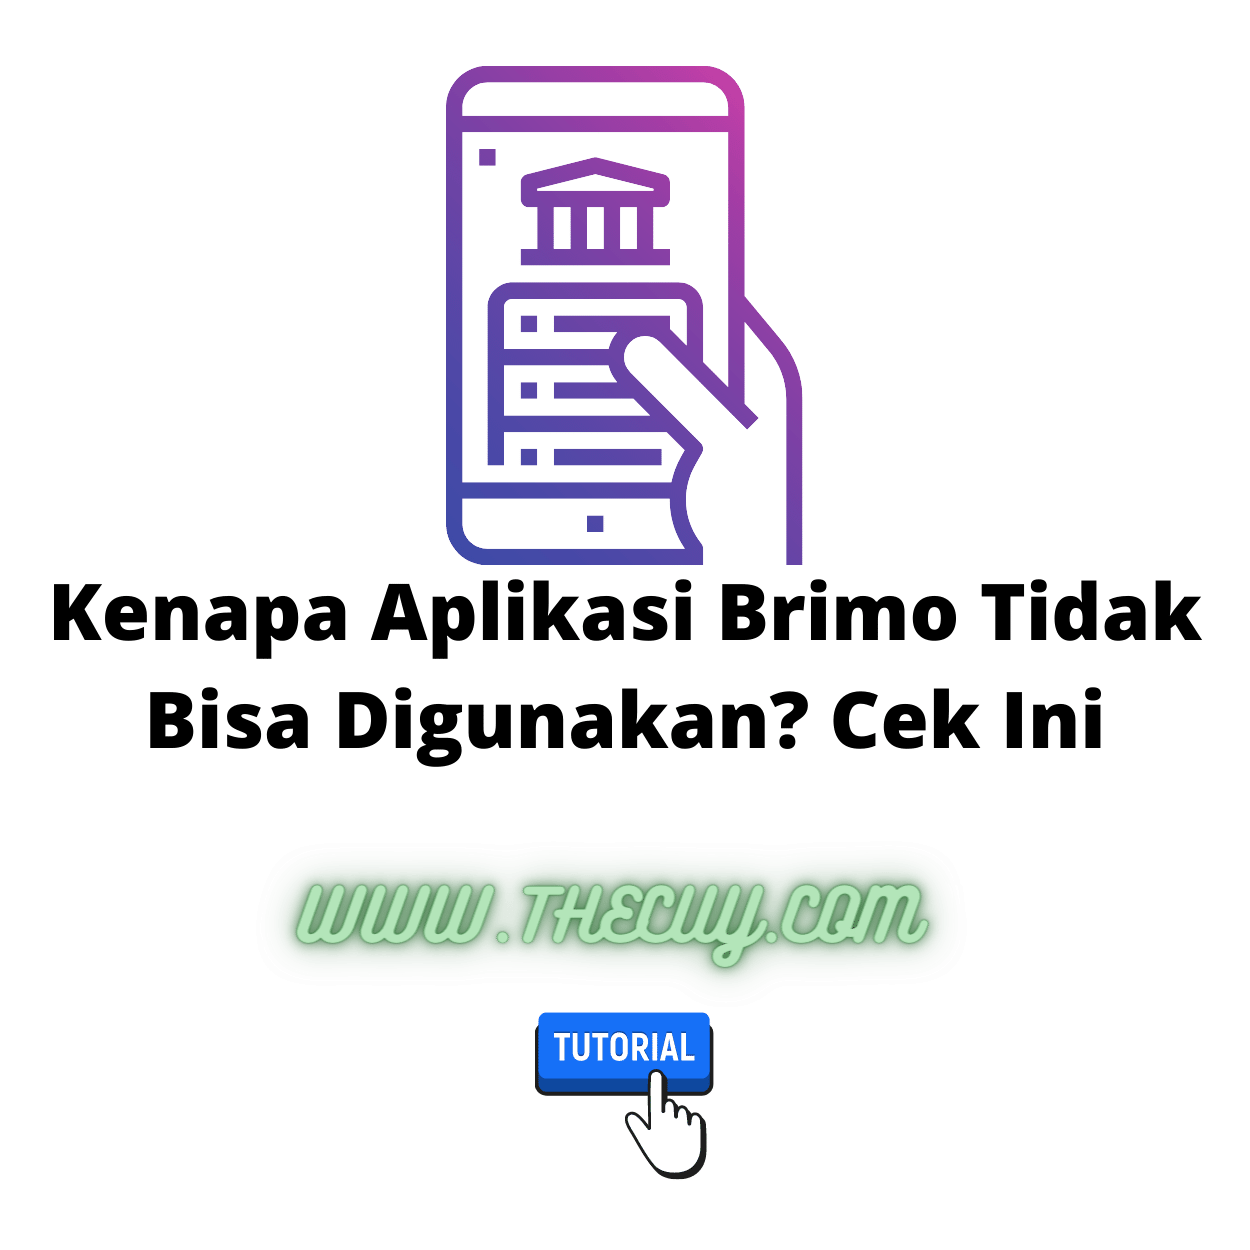 Kenapa Aplikasi Brimo Tidak Bisa Digunakan? Cek Ini